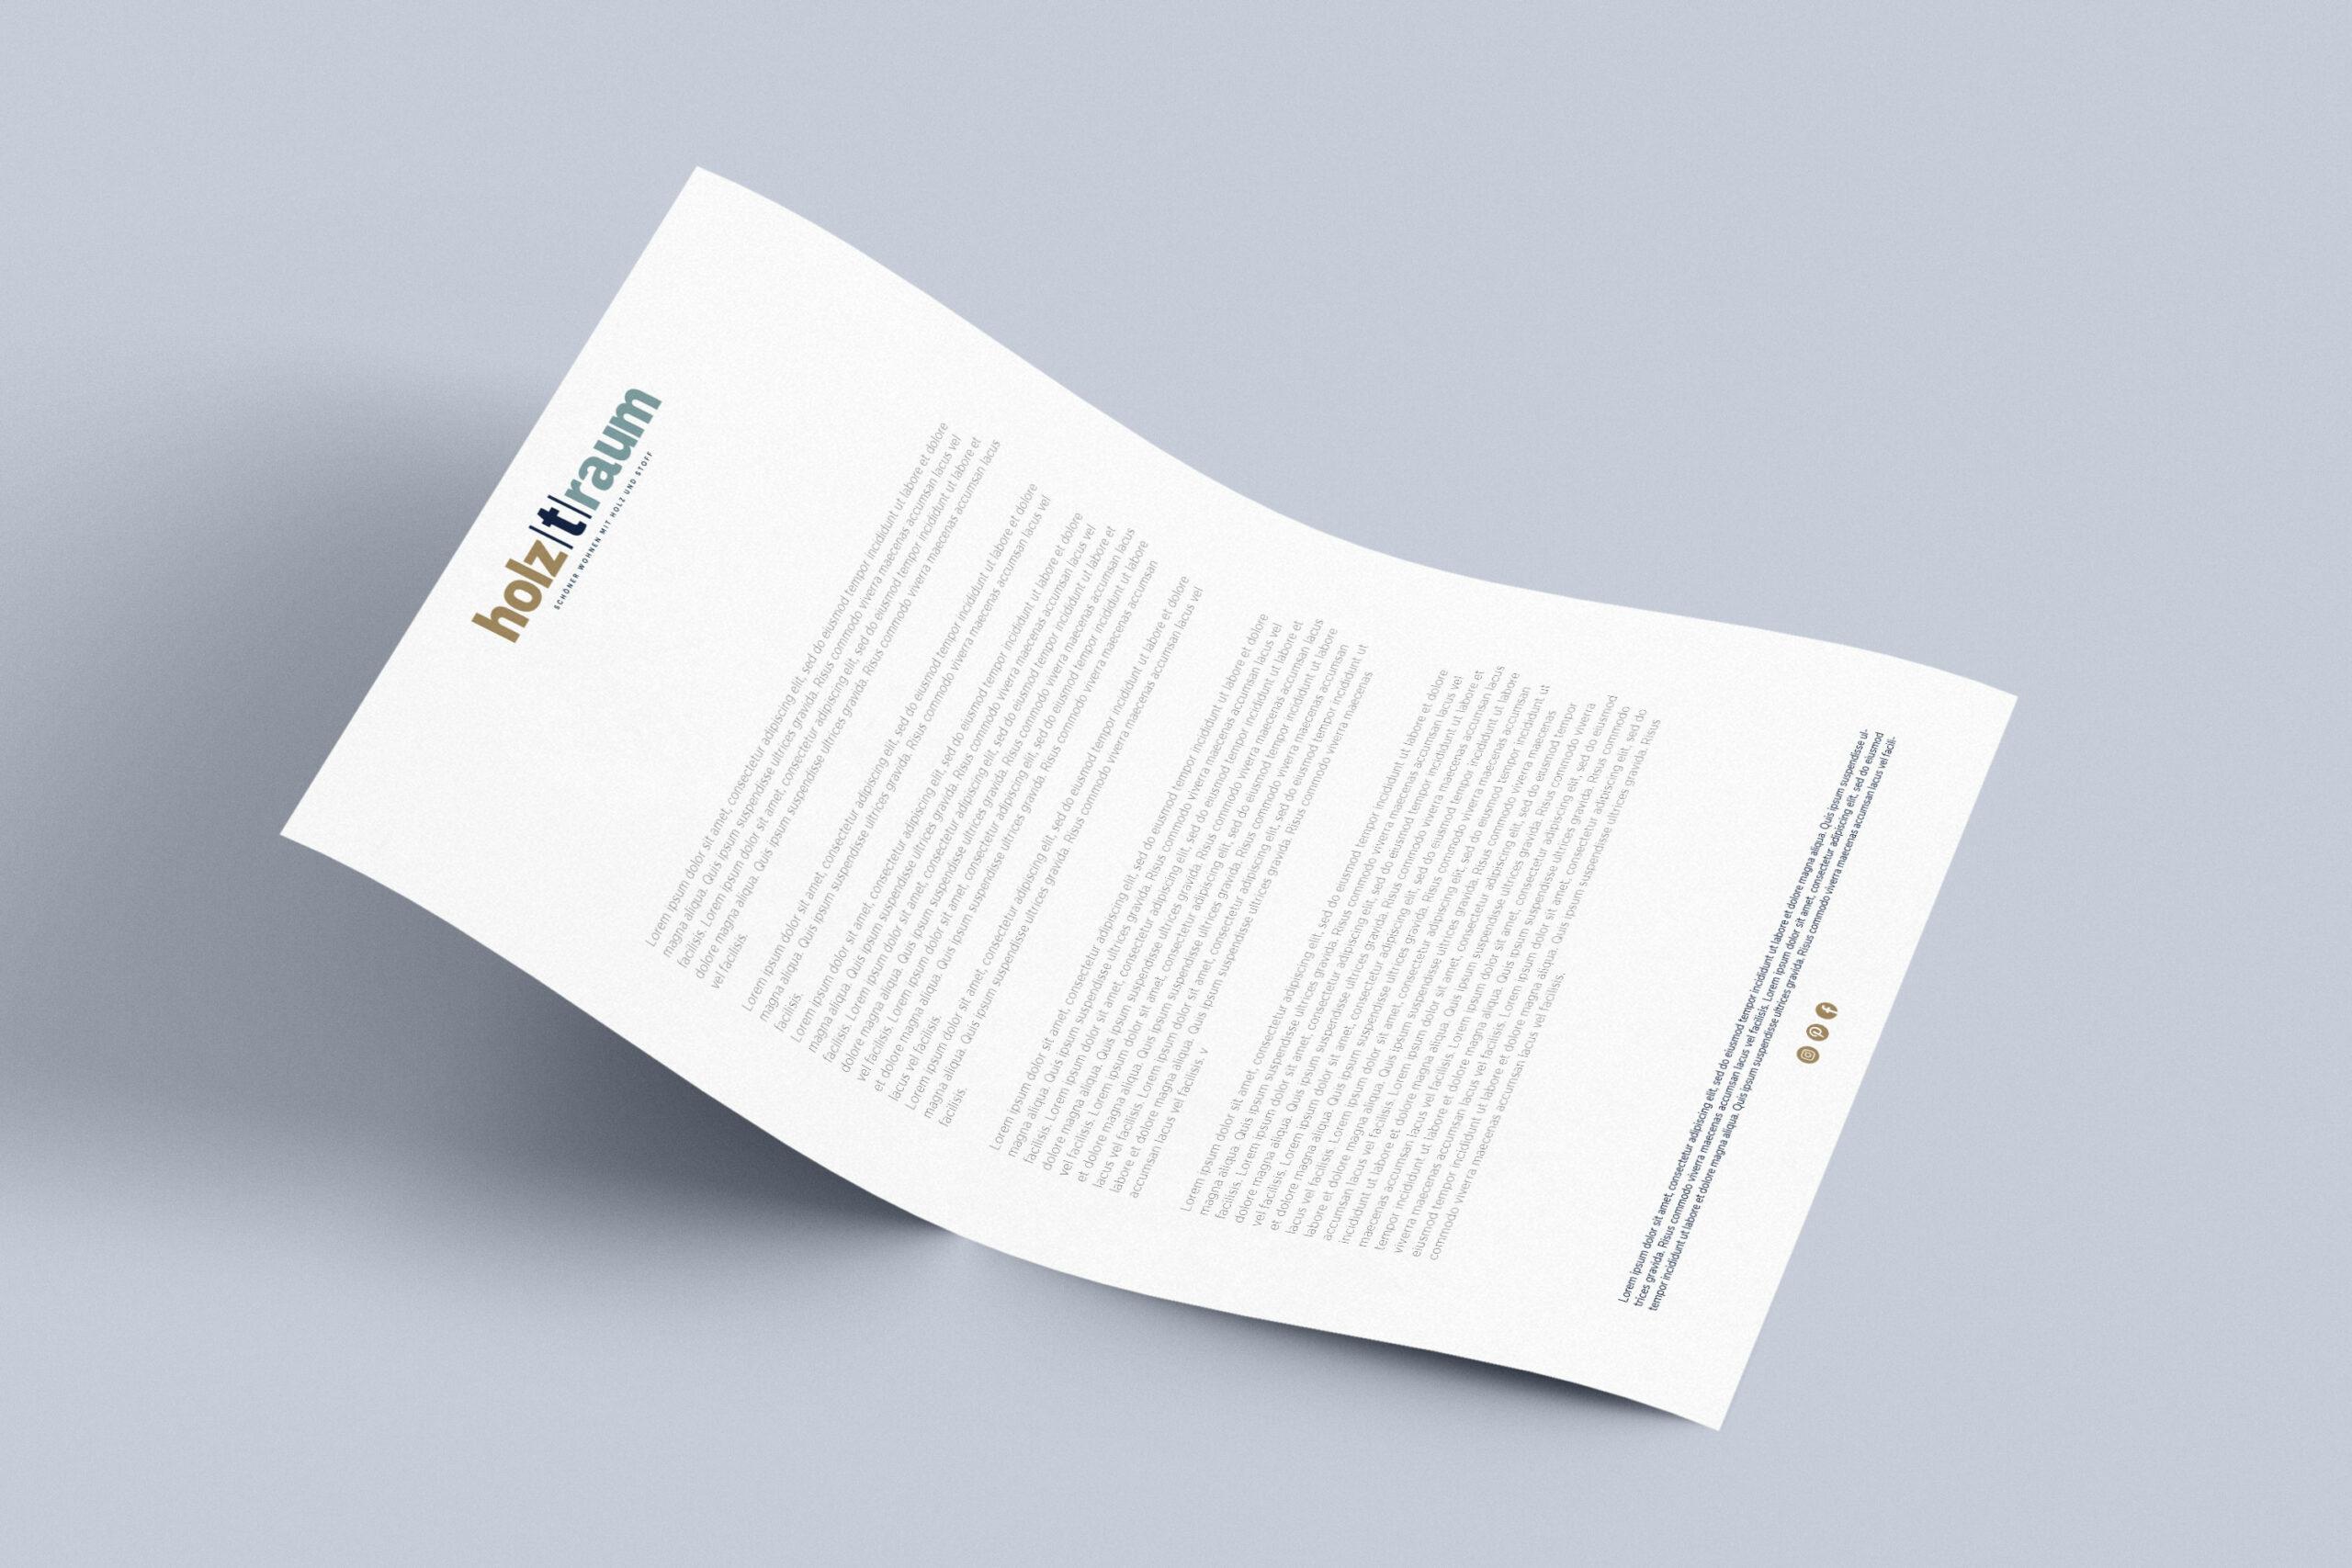 Neues Corporate Design für Holztraum: Briefpapier